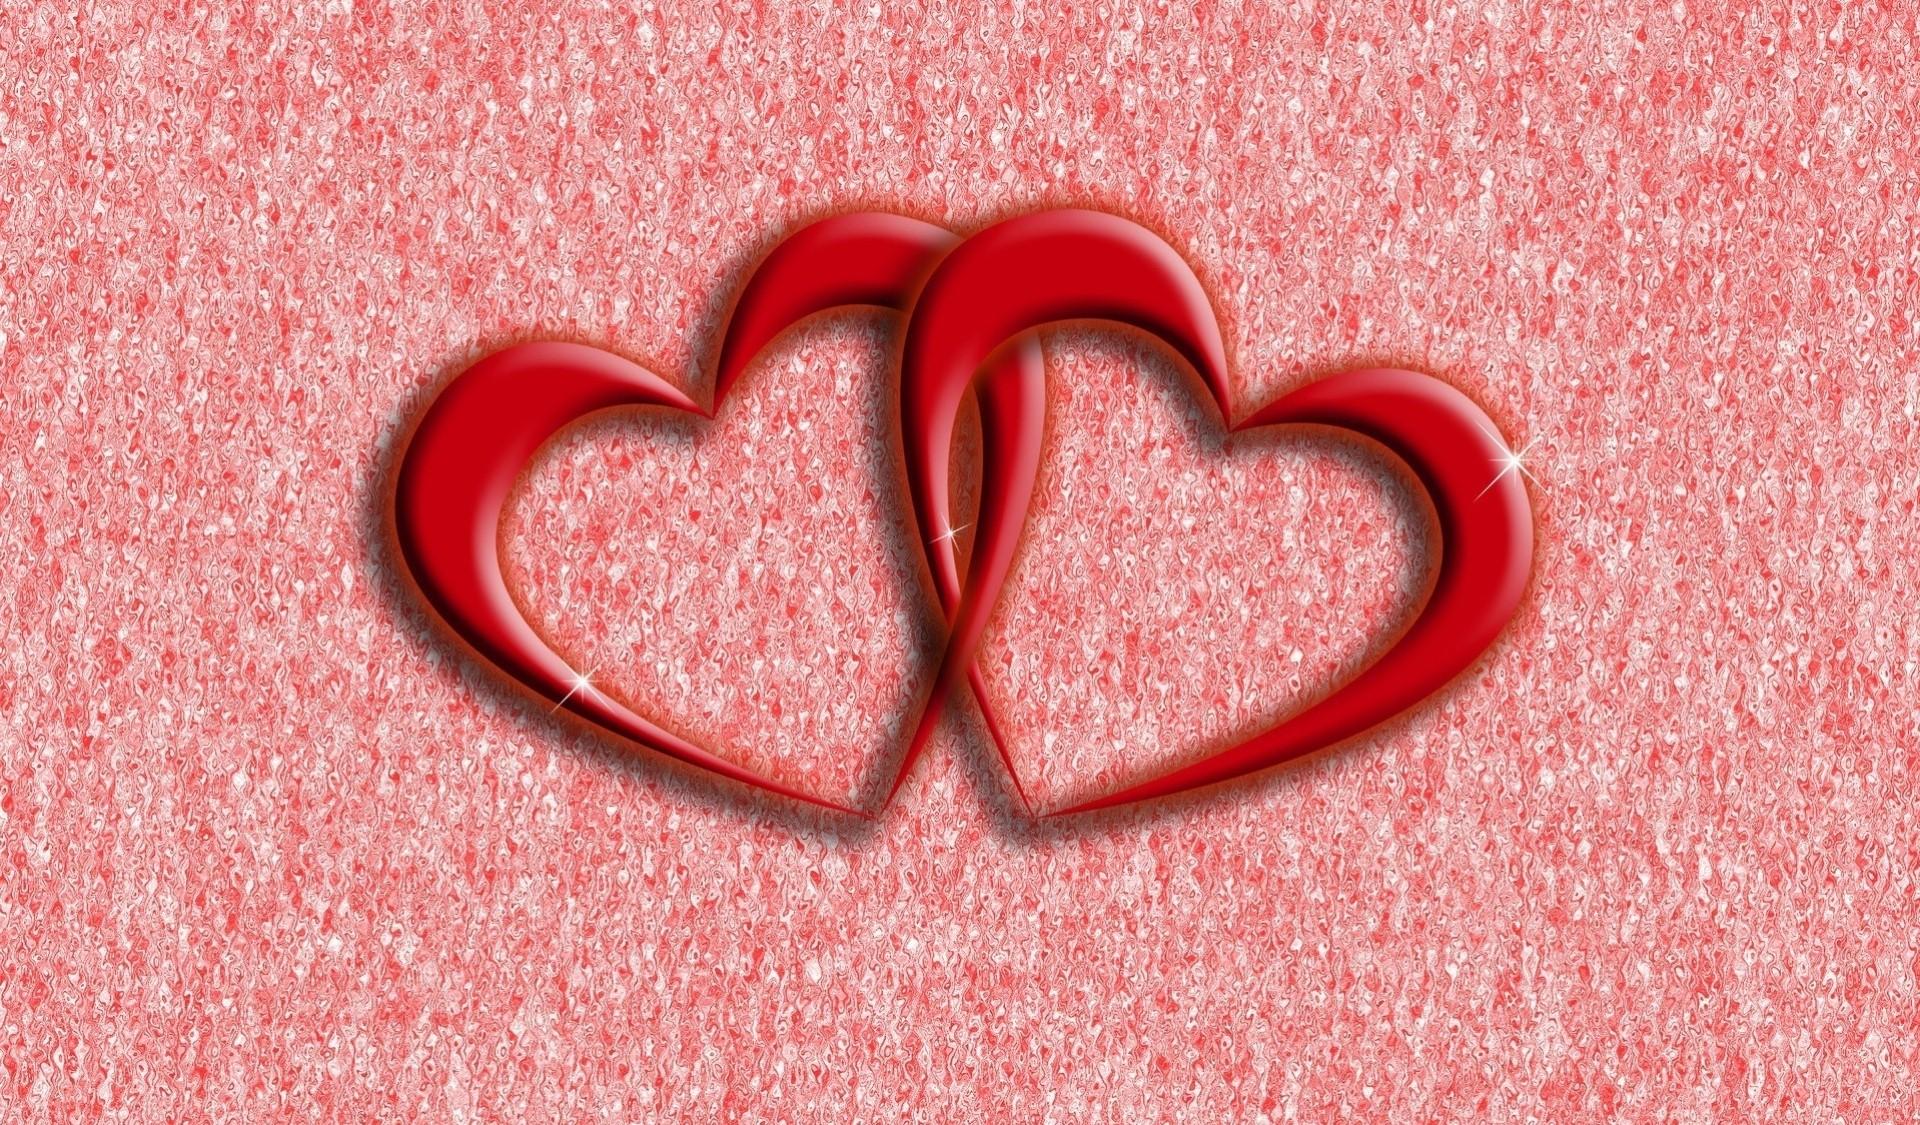 красивый картинки сердца